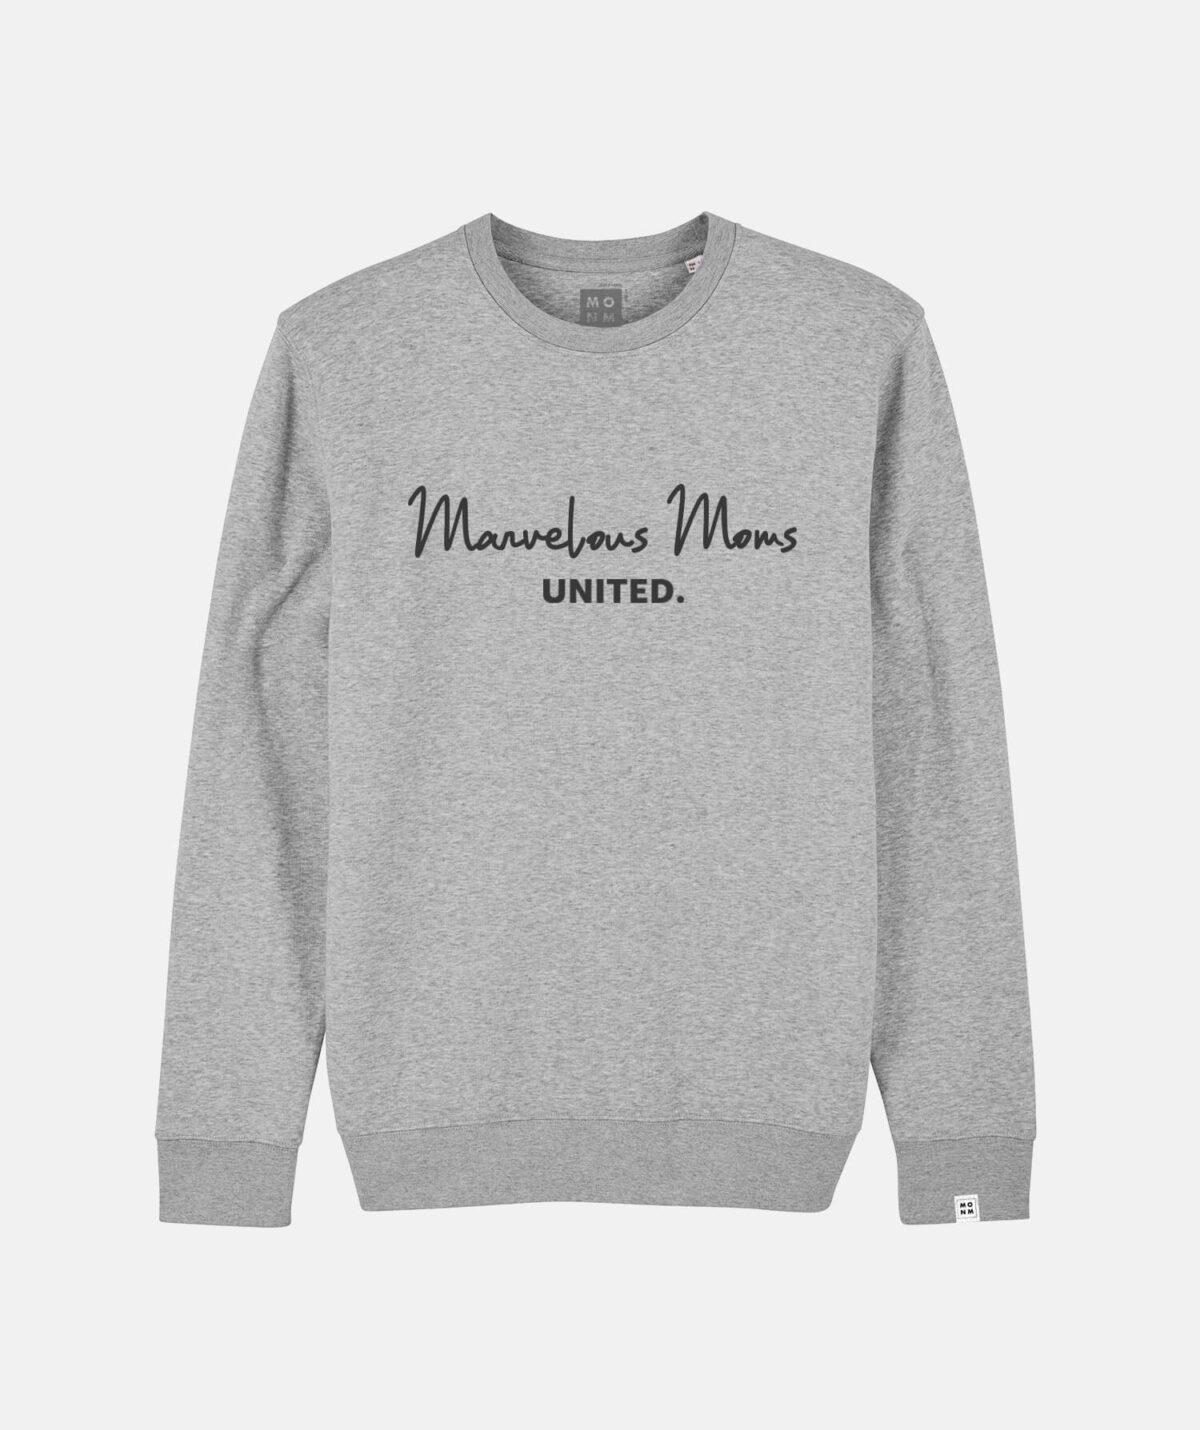 Marvelous moms united sweater voor kinderen van Mangos on Monday